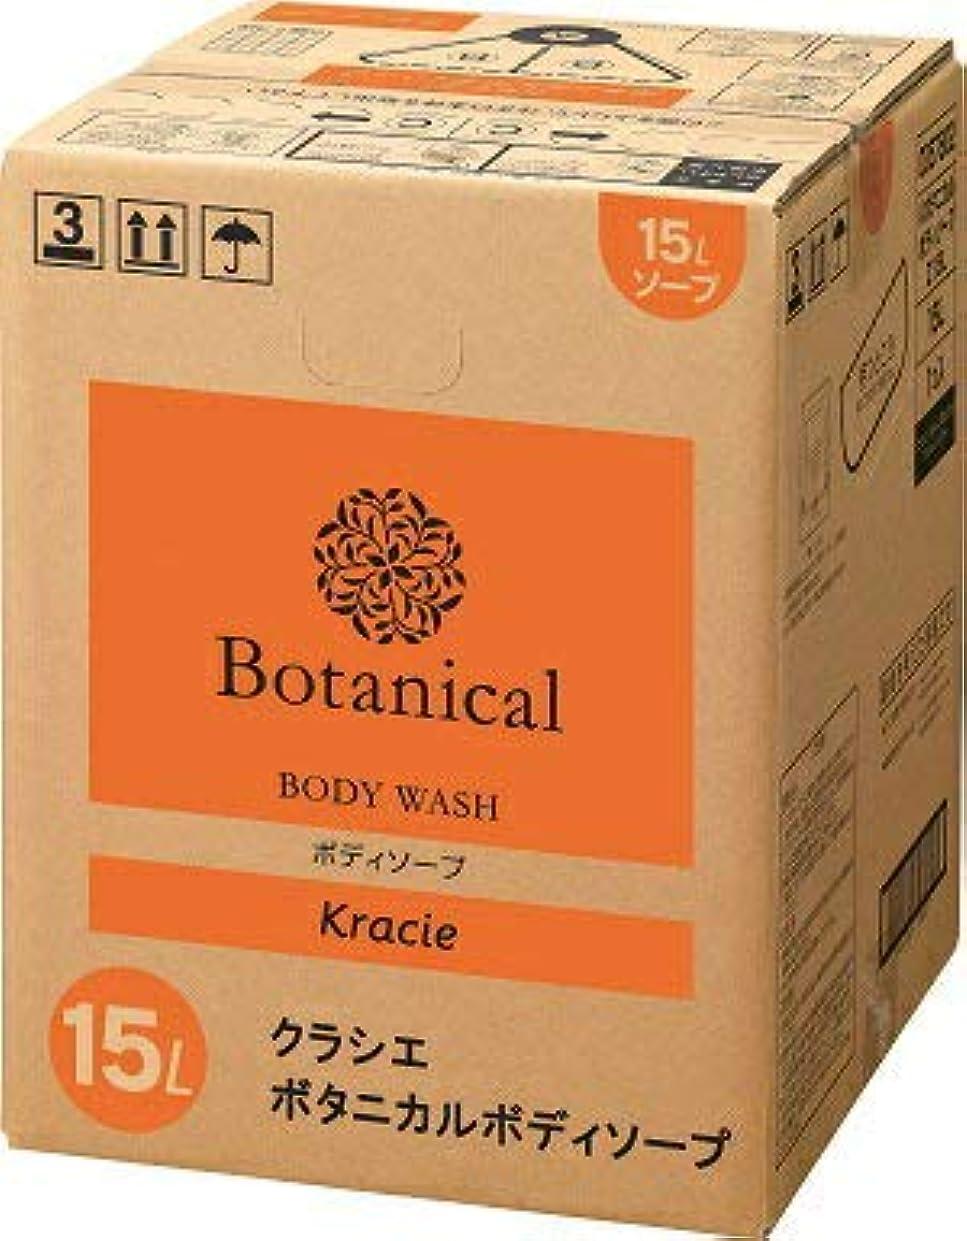 大人何十人も絶対にKracie クラシエ Botanical ボタニカル ボディソープ 15L 詰め替え 業務用